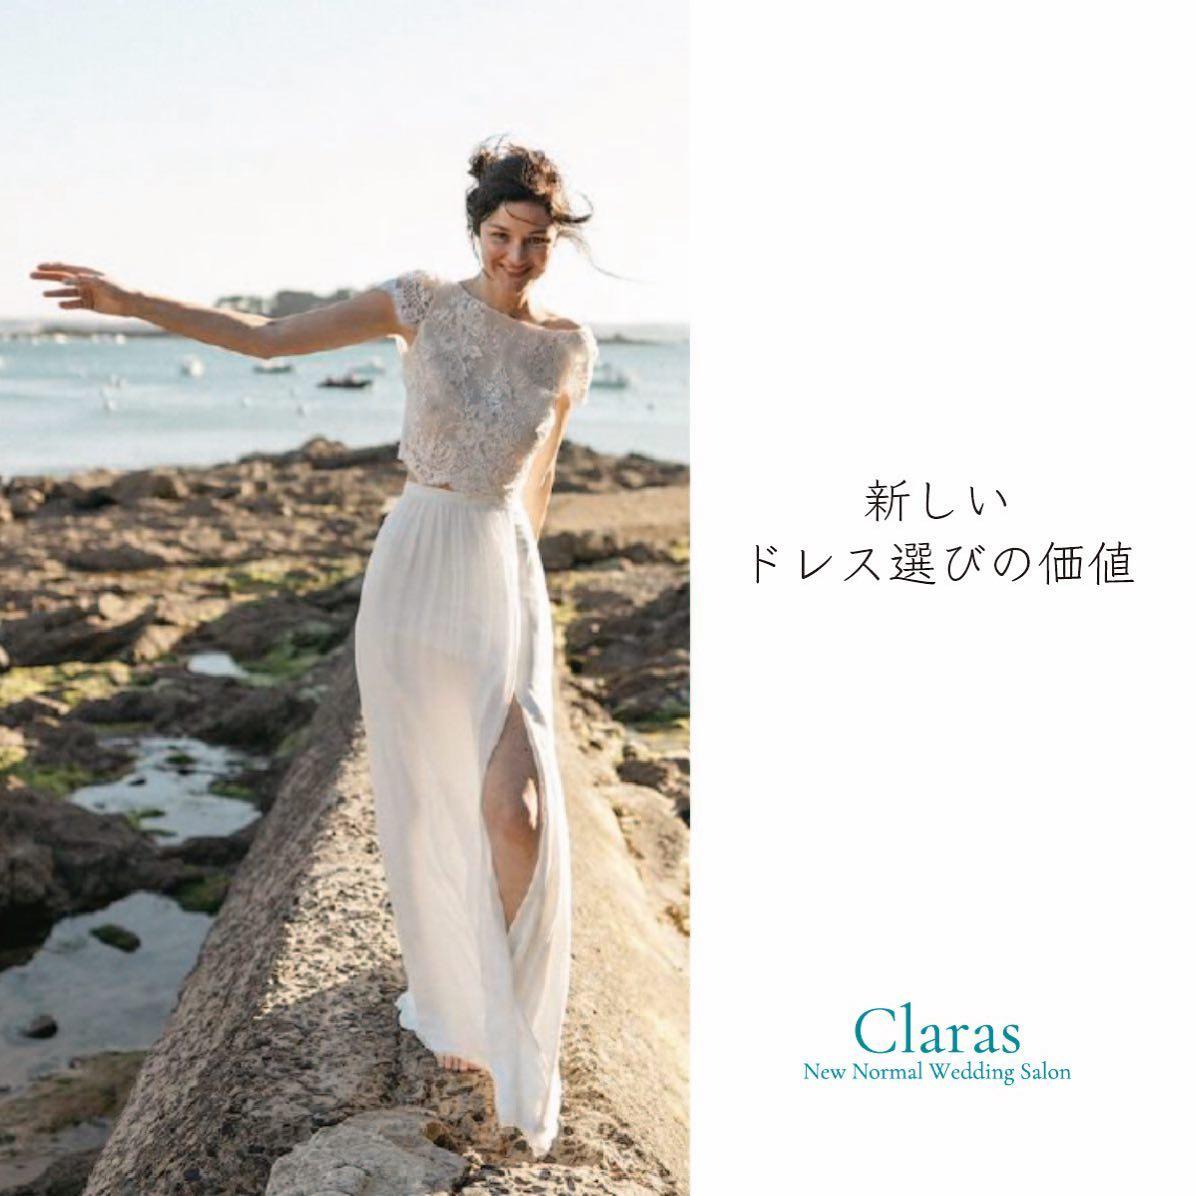 """🕊Claras とは🕊本当のドレス選びの楽しさを感じて欲しい・インポートドレスを適正価格でお届けするのがClaras・レンタルでは叶わない繊細で上質な素材も、ジャストサイズだから再現できるデザイン美も・Parisに関連会社があるからこそ直輸入での適正価格が叶う・Clarasは1組ずつ貸切でご案内寛ぎながら本当にその方に合った1着へと導きます自分だけのための1着を選びに来てください🤍結婚式やフォトなど迷ってる方でもまずはClarasへ🕊・長年様々なウエディングに携わってきたClarasスタッフより、細かなカウンセリングを行い的確ななご提案をさせていただきますご予約はDMからでも承れます・New Normal Wedding Salon""""Claras""""https://claras.jp/・about """"Claras""""…(ラテン語で、明るい·輝く)As(明日· 未来, フランス語て最高、一番) ・明るく輝く明日(未来) に貢献したいという想いを込めています🕊Fashionの都Parisをはじめ、欧米から選りすぐりのドレスをこれから出逢う花嫁のために取揃えました・2021.3.7 (Sun)NEW OPEN・Dressから始まるWedding Story""""憧れていた Dress選びから始まる結婚準備があったっていい""""・さまざまな新しい「価値」を創造し発信していきますこれからの新しい Wedding の常識を""""Claras """"から🕊・New Normal Wedding Salon【Claras】〒107-0061 東京都港区北青山2-9-14SISTER Bldg 1F(101) 東京メトロ銀座線 外苑前駅3番出ロより徒歩2分Tel:03 6910 5163HP: https://claras.jp営業時間:平日 12:00-18:00 土日祝11:00-18:00(定休日:月・火)・#wedding #weddingdress #instagood #instalike #claras #paris #vowrenewal#ウェディングドレス #プレ花嫁 #ドレス試着 #ドレス迷子 #婚約しました #オリジナルウェディング #結婚式  #ドレス選び #前撮り #インポートドレス #フォトウェディング #ウェディングヘア  #フォト婚 #ニューノーマル #ブライダルフォト #カップルフォト #ウェディングドレス探し #ウェディングドレス試着 #セルドレス #ドレスショップ #バウリニューアル #運命のドレス"""